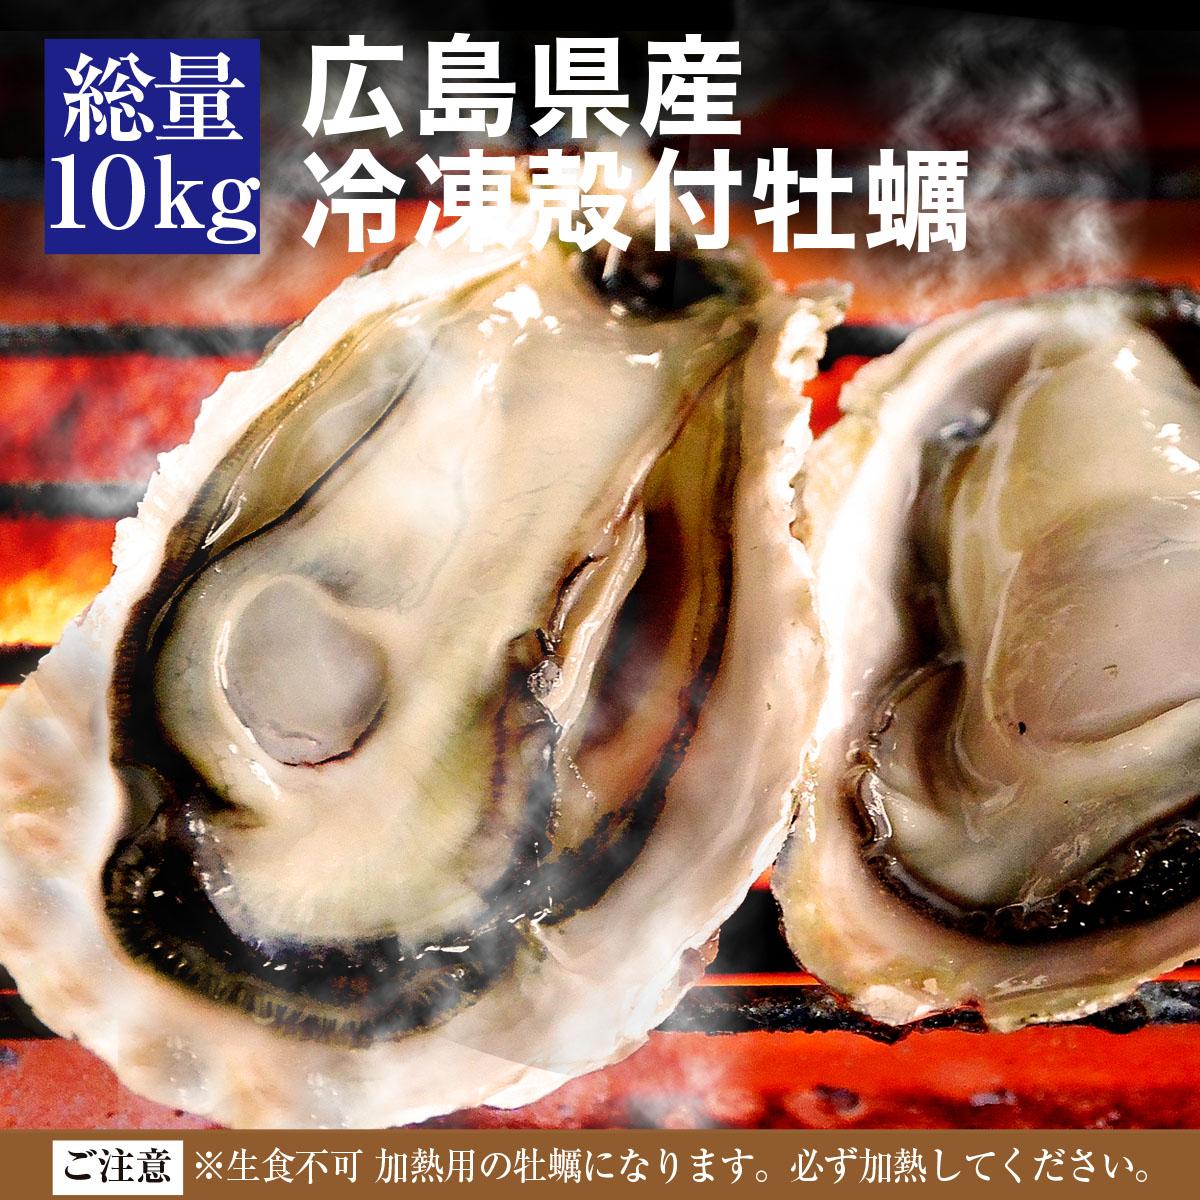 送料無料 殻付き 冷凍 牡蠣 広島県産 特大LLサイズ 10kg 約83~88個入 14~17人前 バーベキュー BBQ カンカン焼き 追加用として人気 カンカンは付いてません 海鮮 キャンプ バーベキュー BBQ gd142